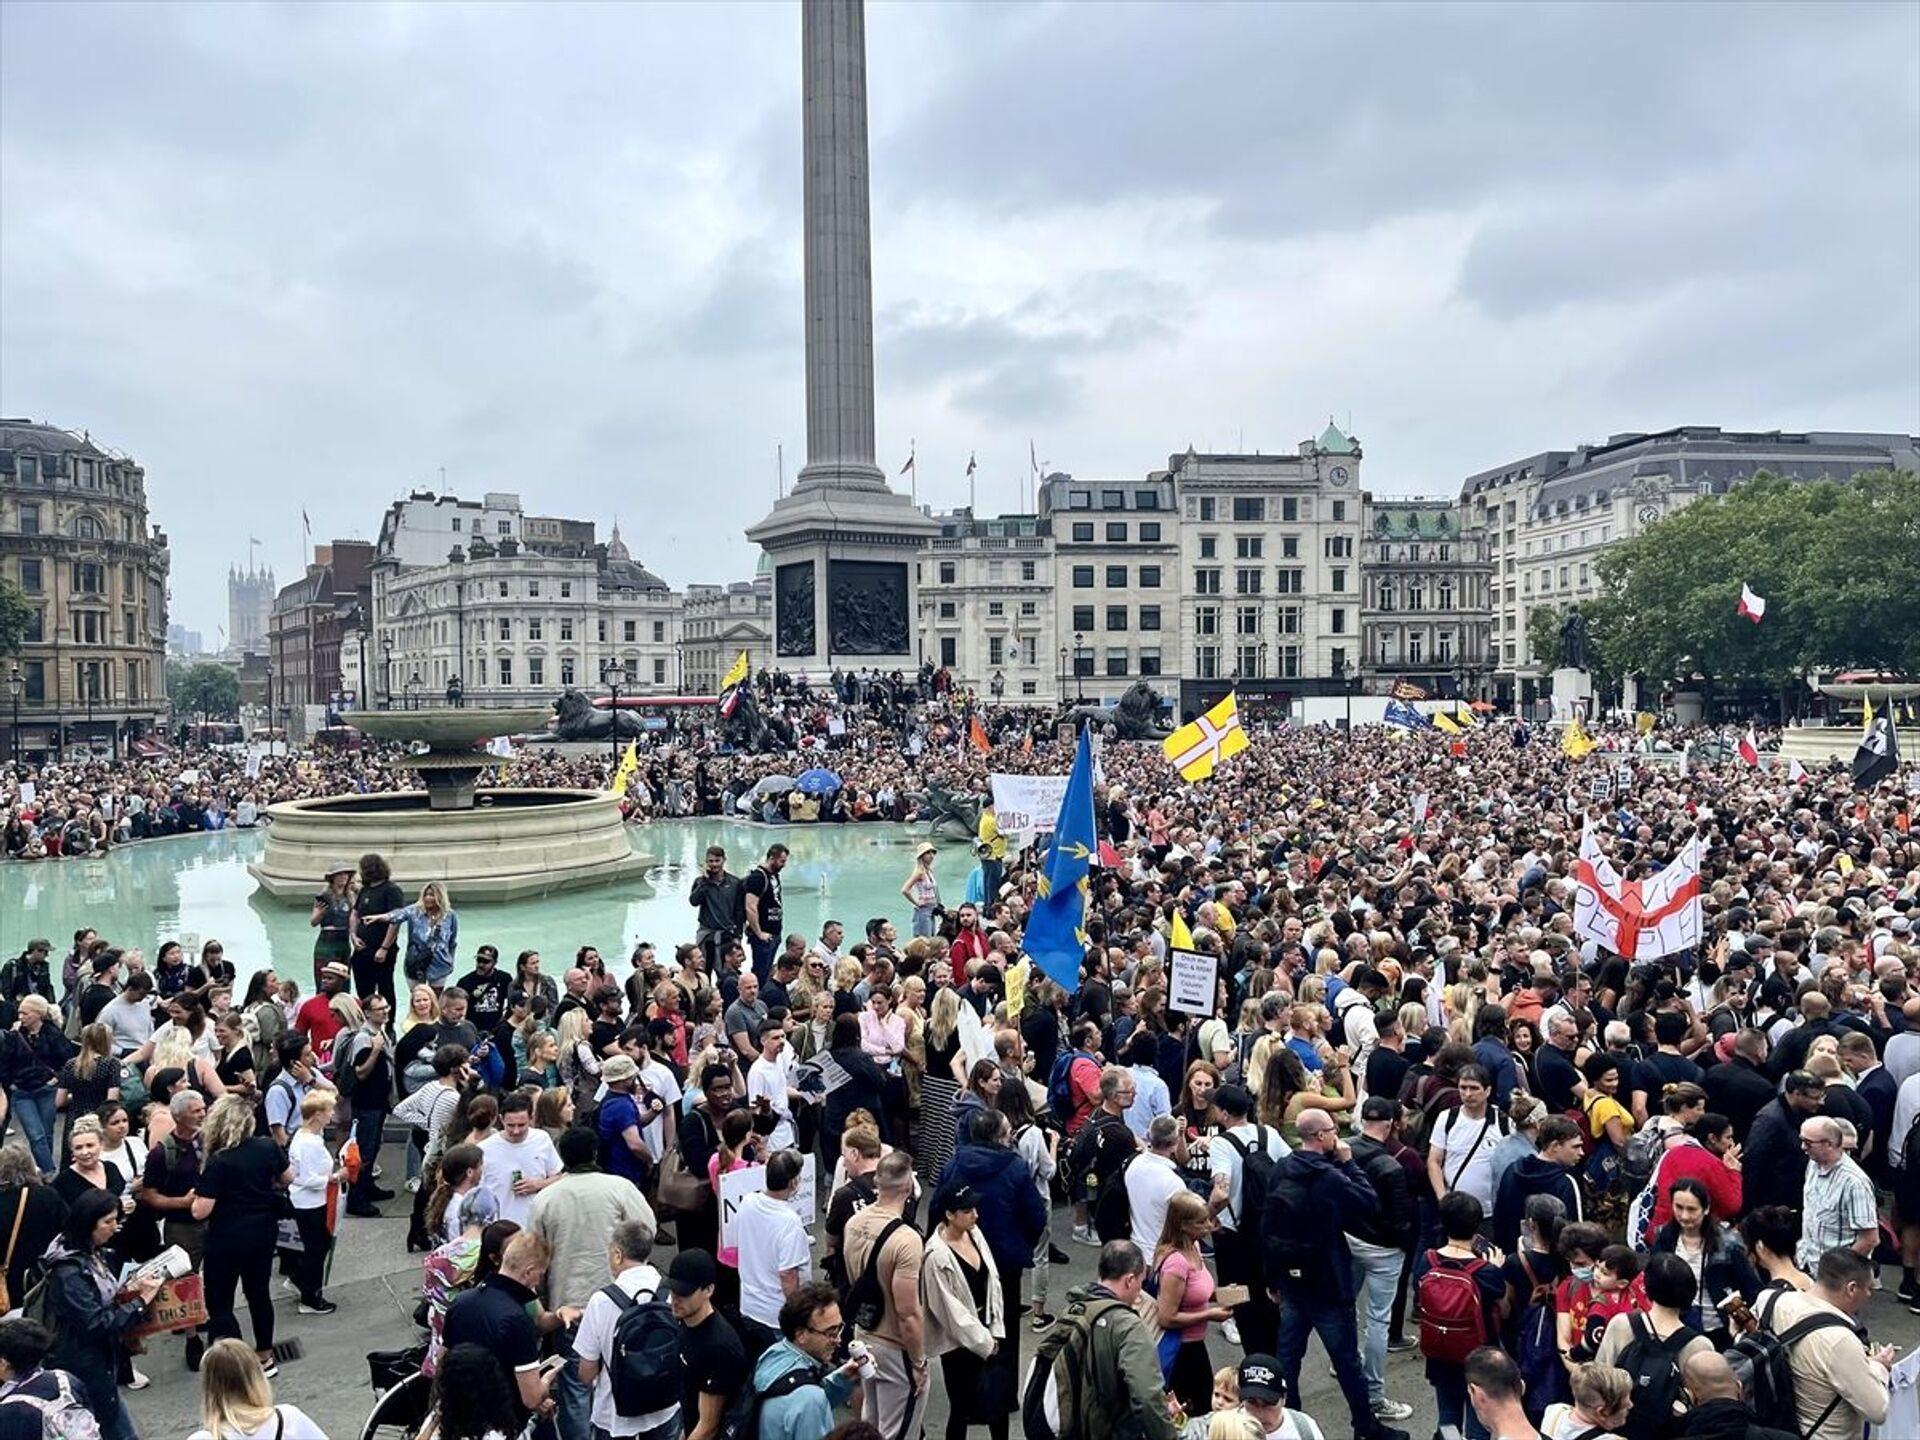 Trafalgar Meydanı'nda toplanan kalabalık kısıtlamaları protesto etti - Sputnik Türkiye, 1920, 10.08.2021